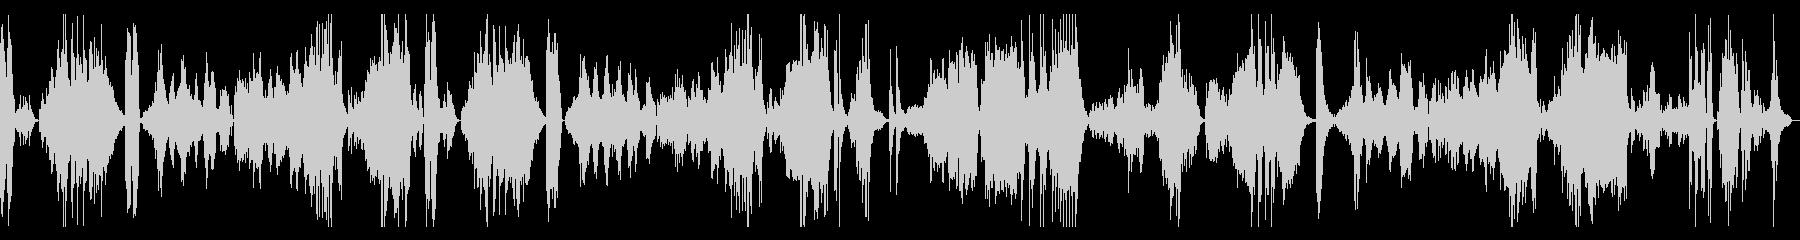 ハンマークラヴィーア ベートーヴェンの未再生の波形